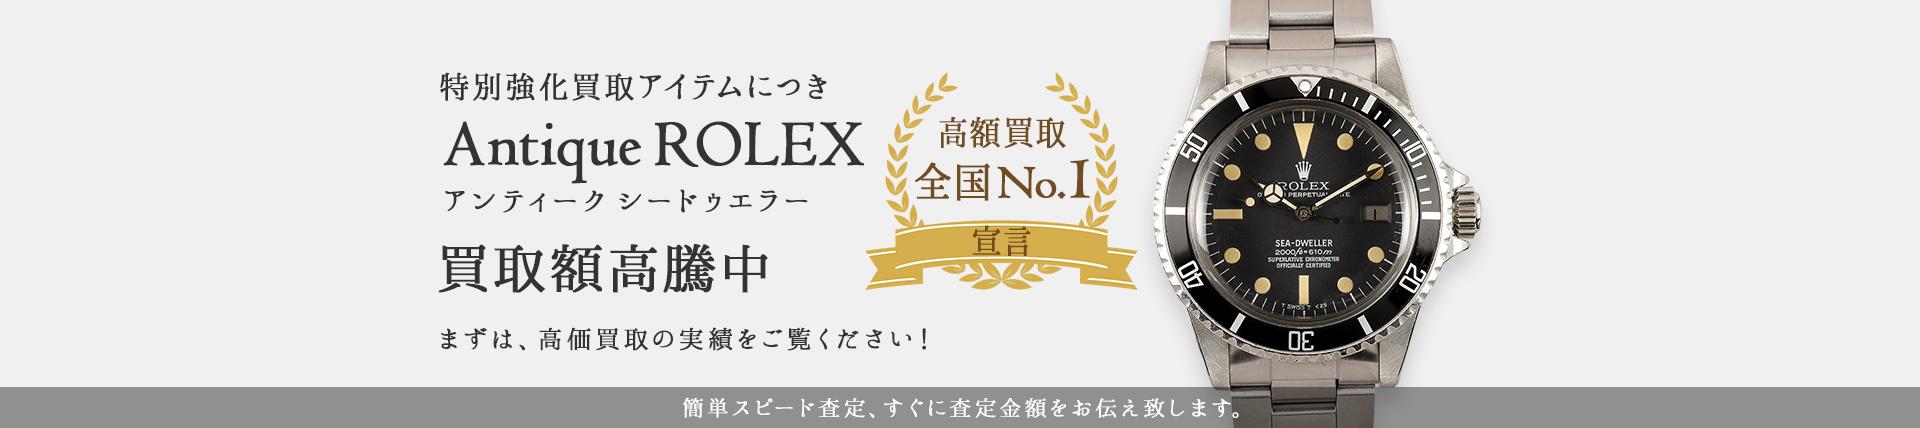 アンティークROLEX-シードゥエラー特別強化買取中